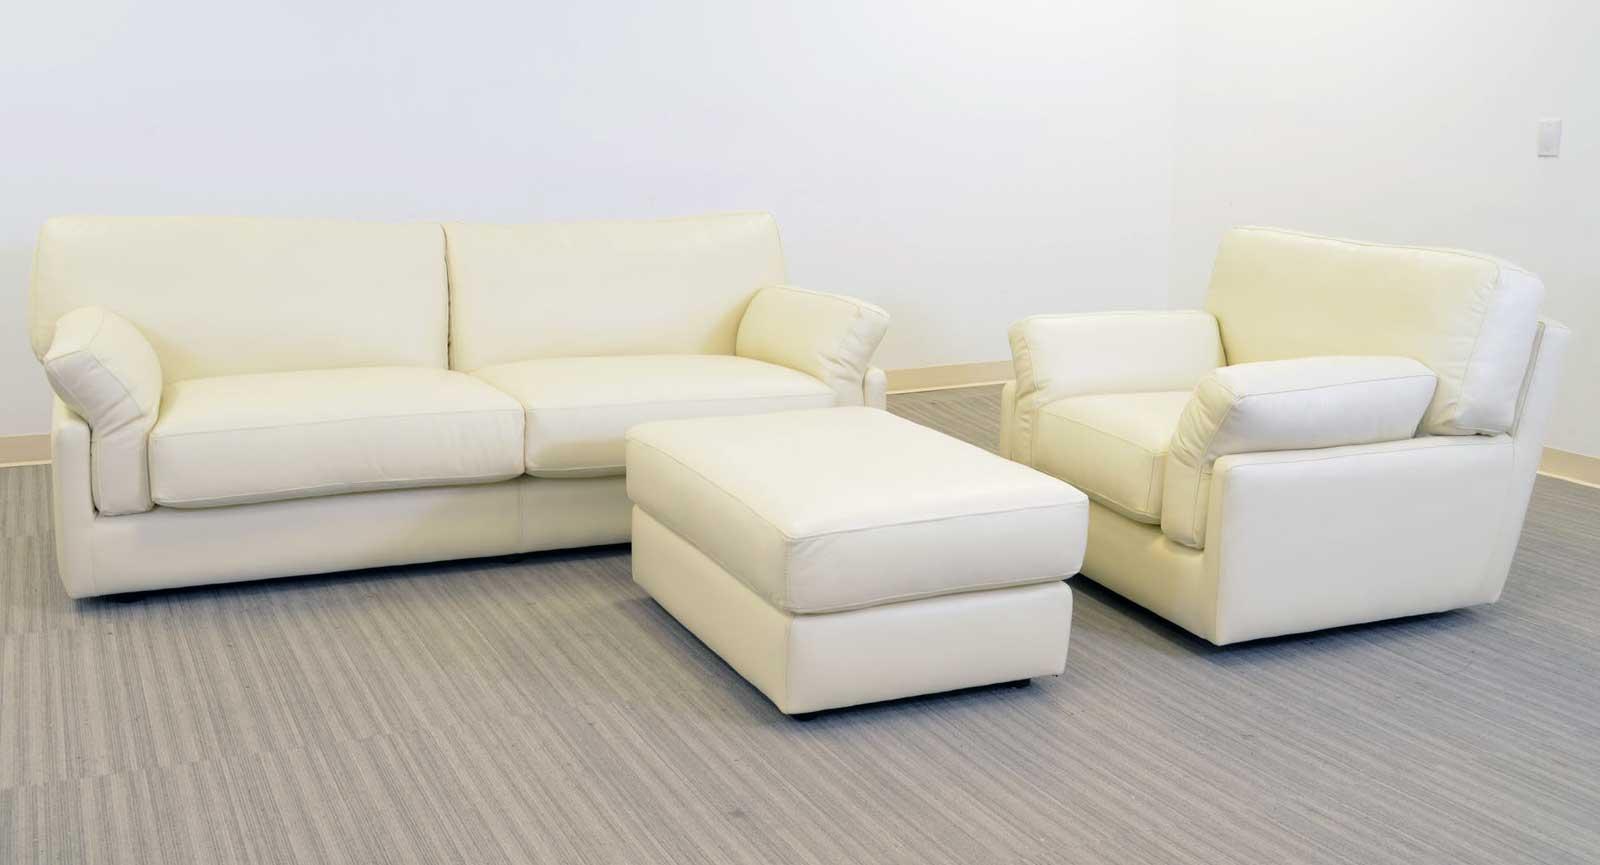 Two Cushion Sofa Chair Ottoman A